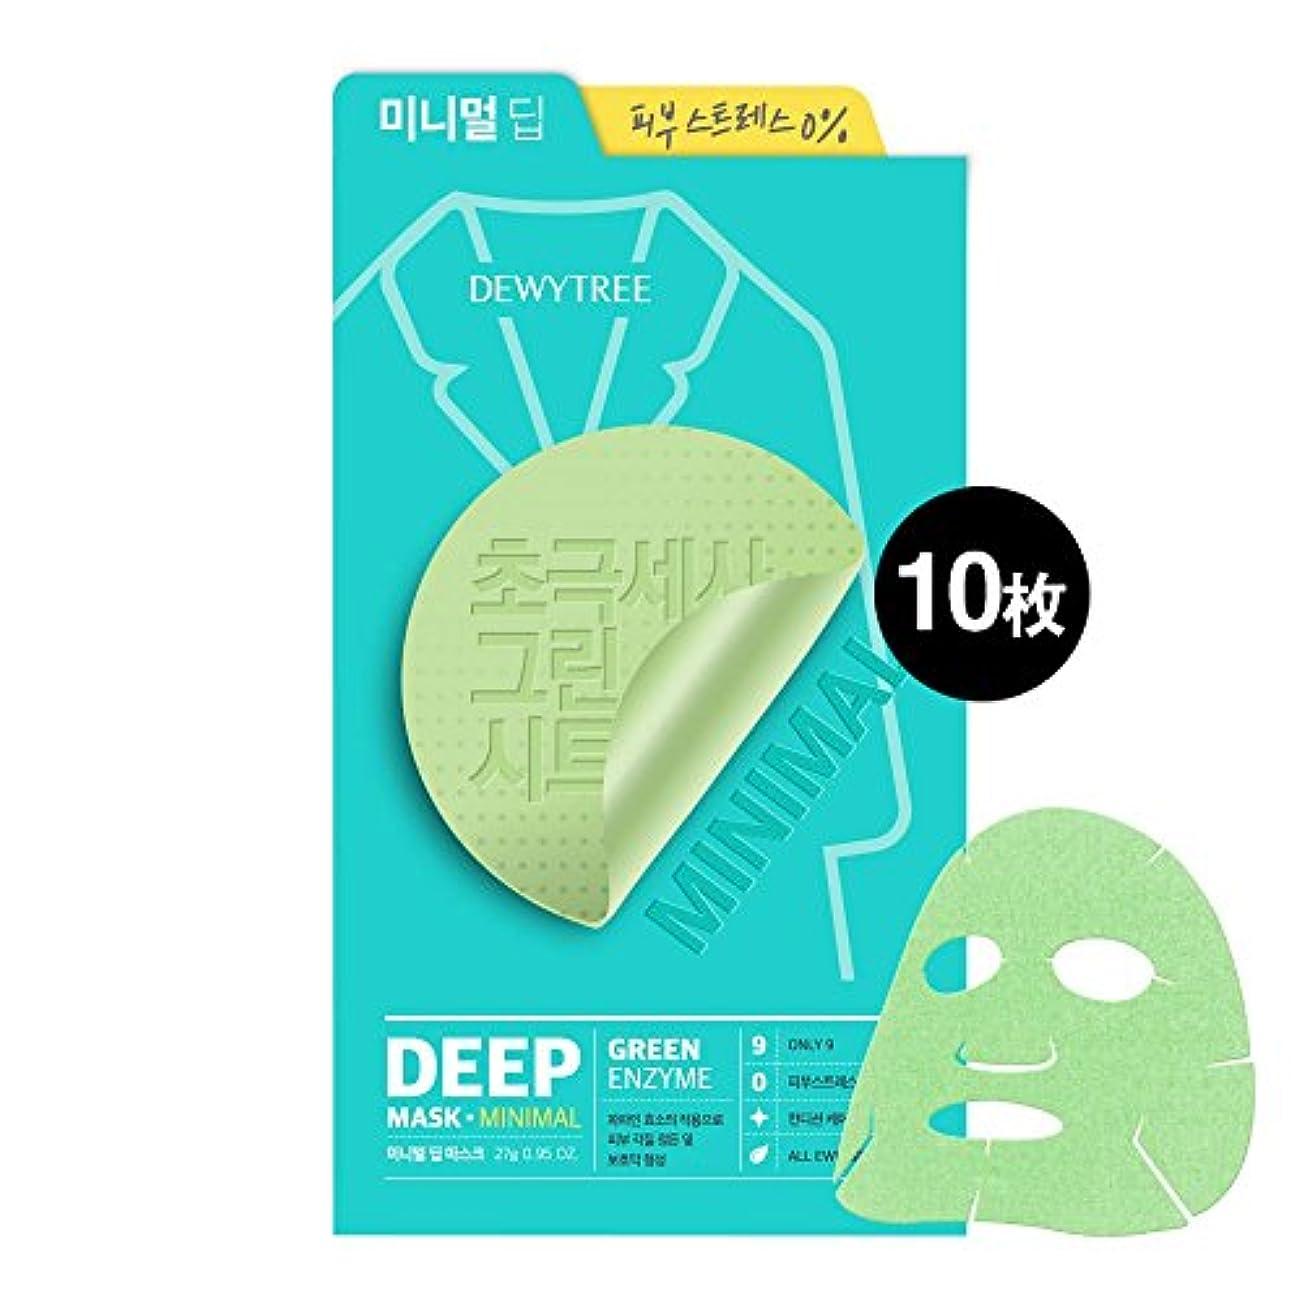 無礼に医薬品グッゲンハイム美術館(デューイトゥリー) DEWYTREE ミニマルディープマスク 10枚 Minimal Deep Mask 韓国マスクパック (並行輸入品)